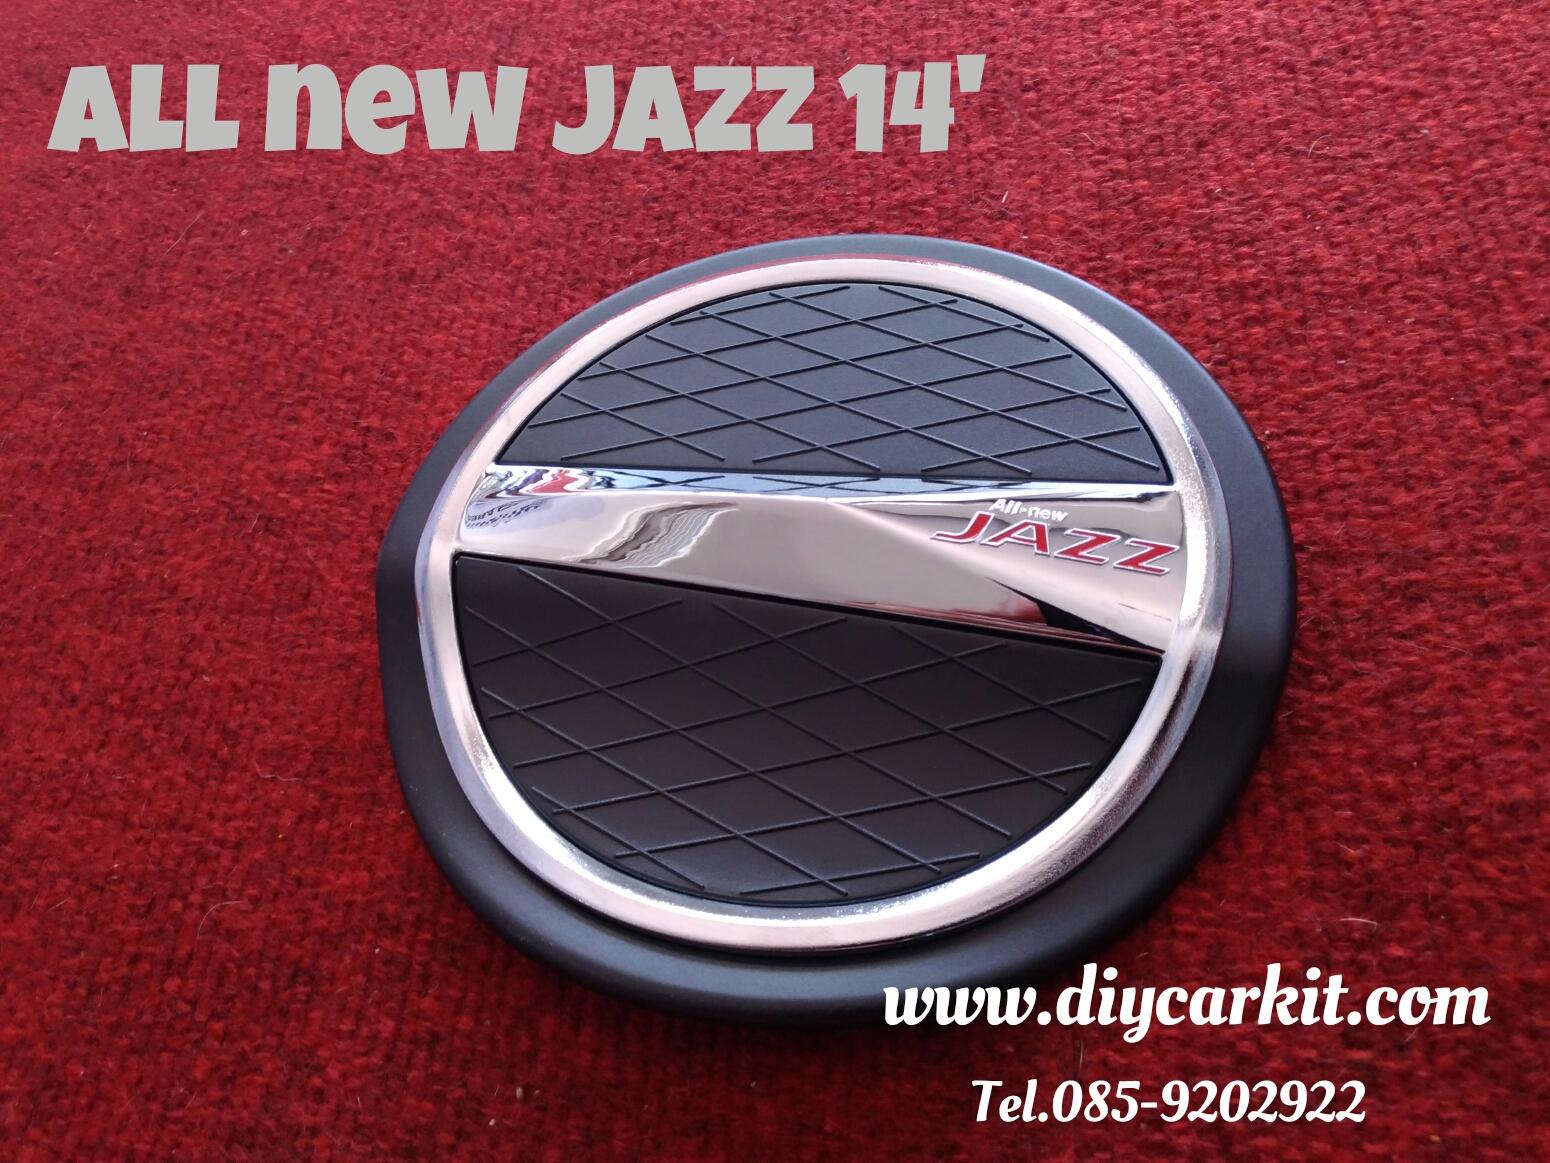 ครอบฝาถังน้ำมัน เเบบที่2 New Jazz 2014